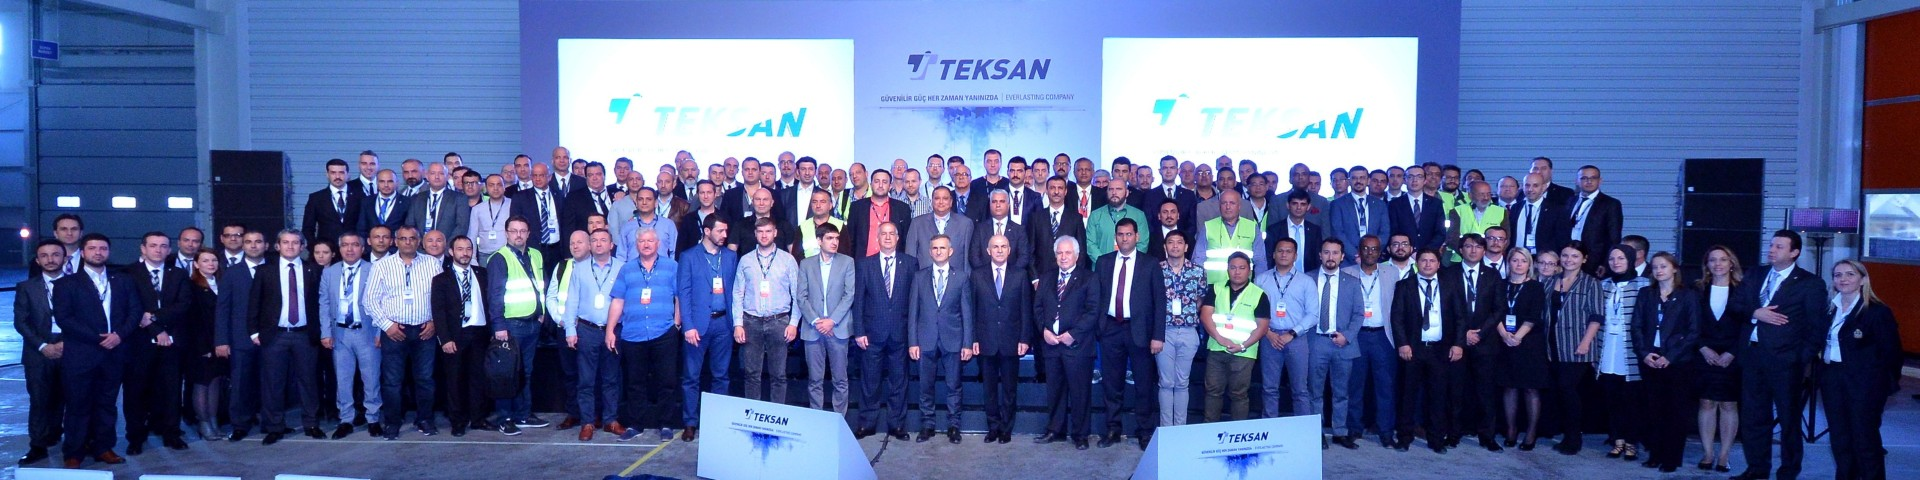 TEKSAN yeni fabrikasında  Yurtiçi ve Yurtdışından iş ortakları ile buluştu